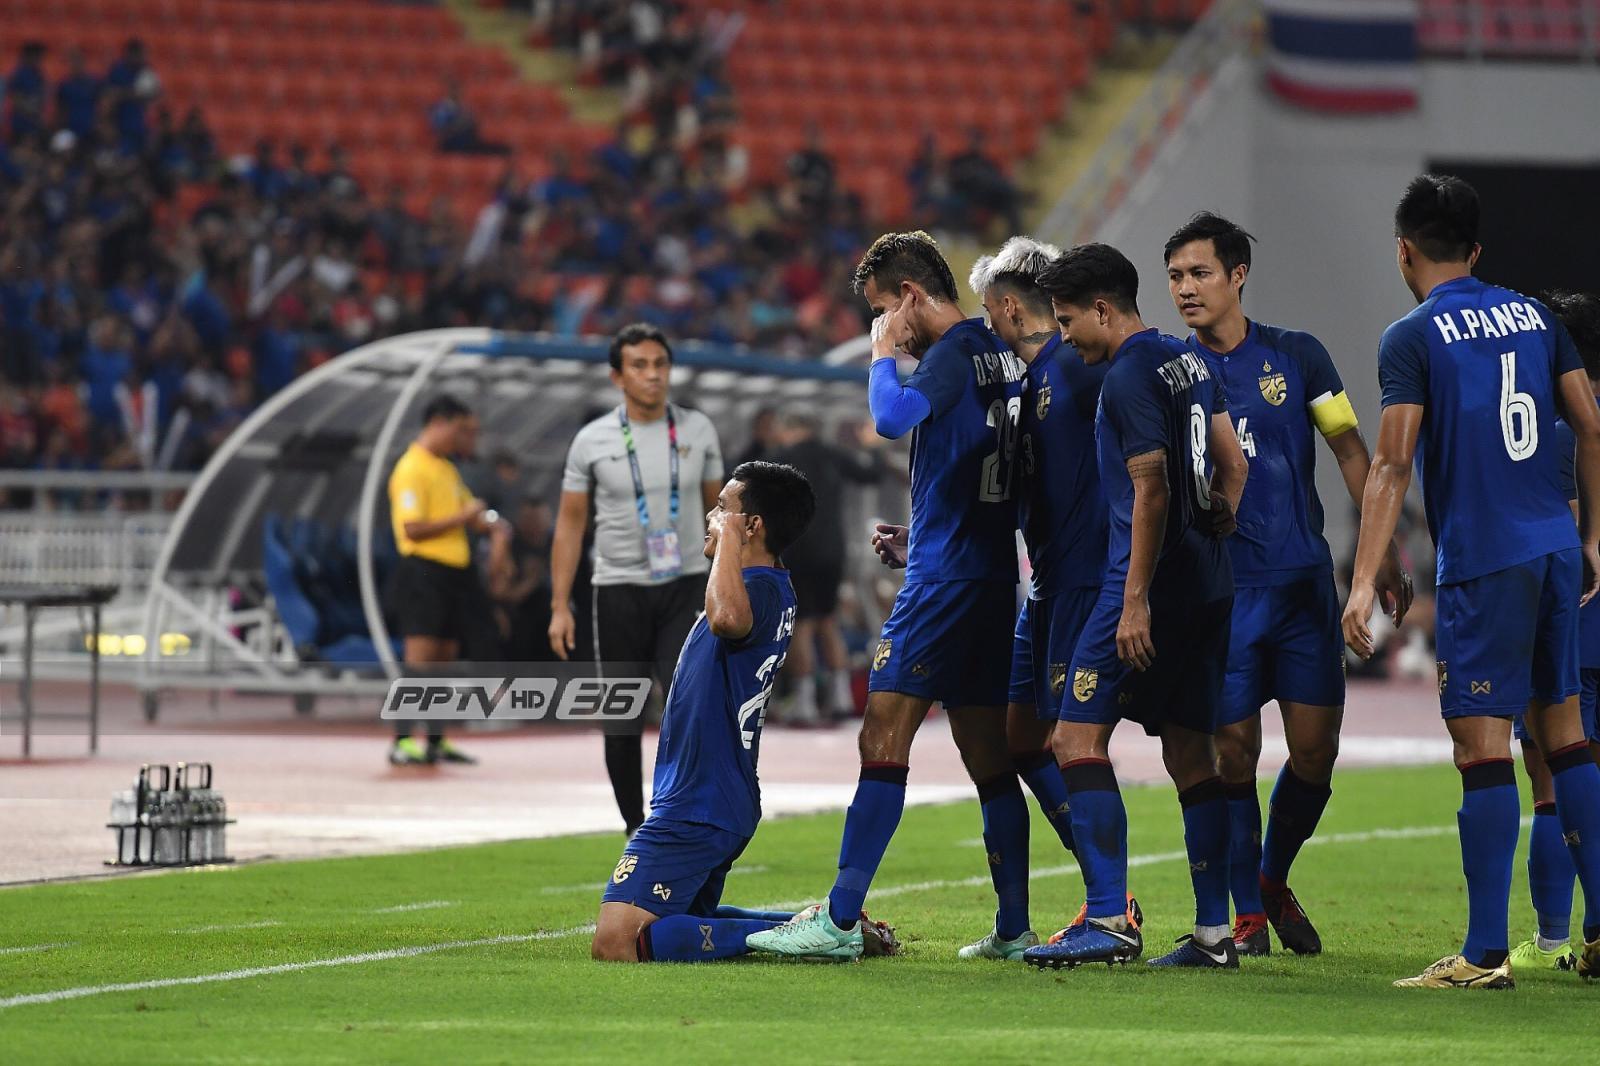 การแข่งขันฟุตบอลชิงแชมป์อาเซียน เอเอฟเอฟ ซูซูกิ คัพ 2018 ที่สนามราชมังคลากีฬาสถาน (เมื่อวันที่ 17 พ.ย.61)